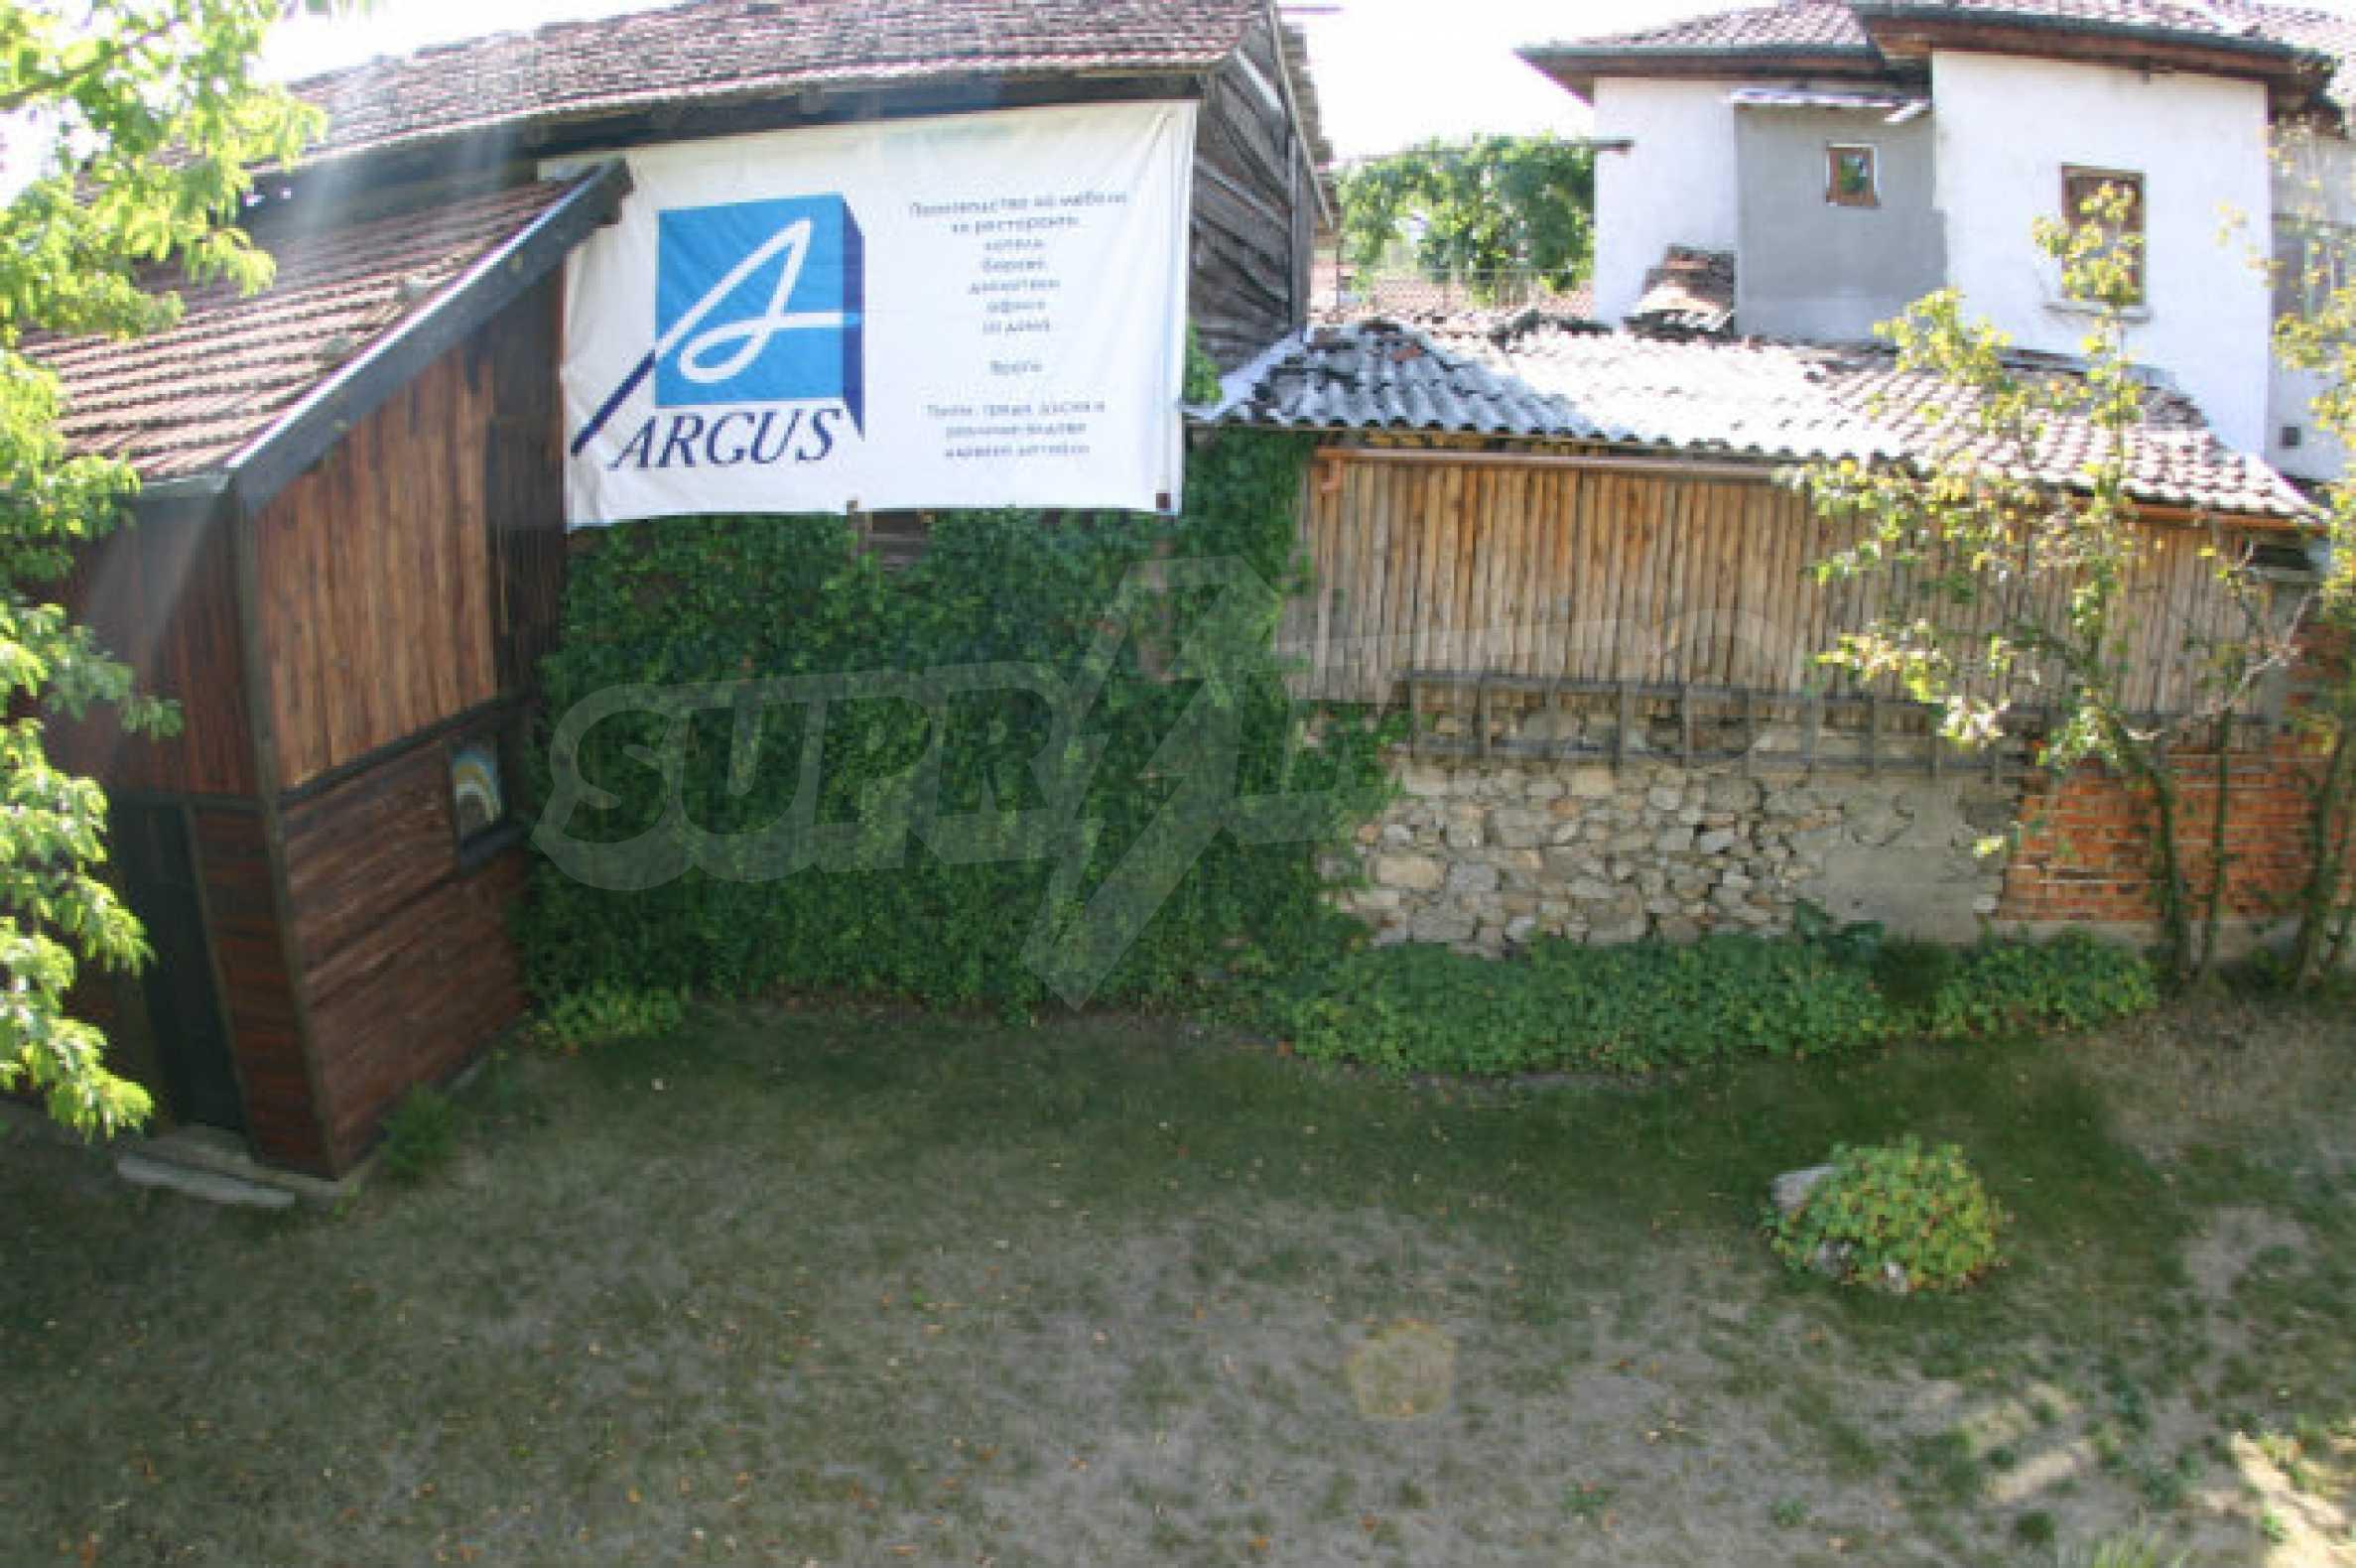 Familienhotel zum Verkauf in Dobrinischte, 6 km von Bansko entfernt 20